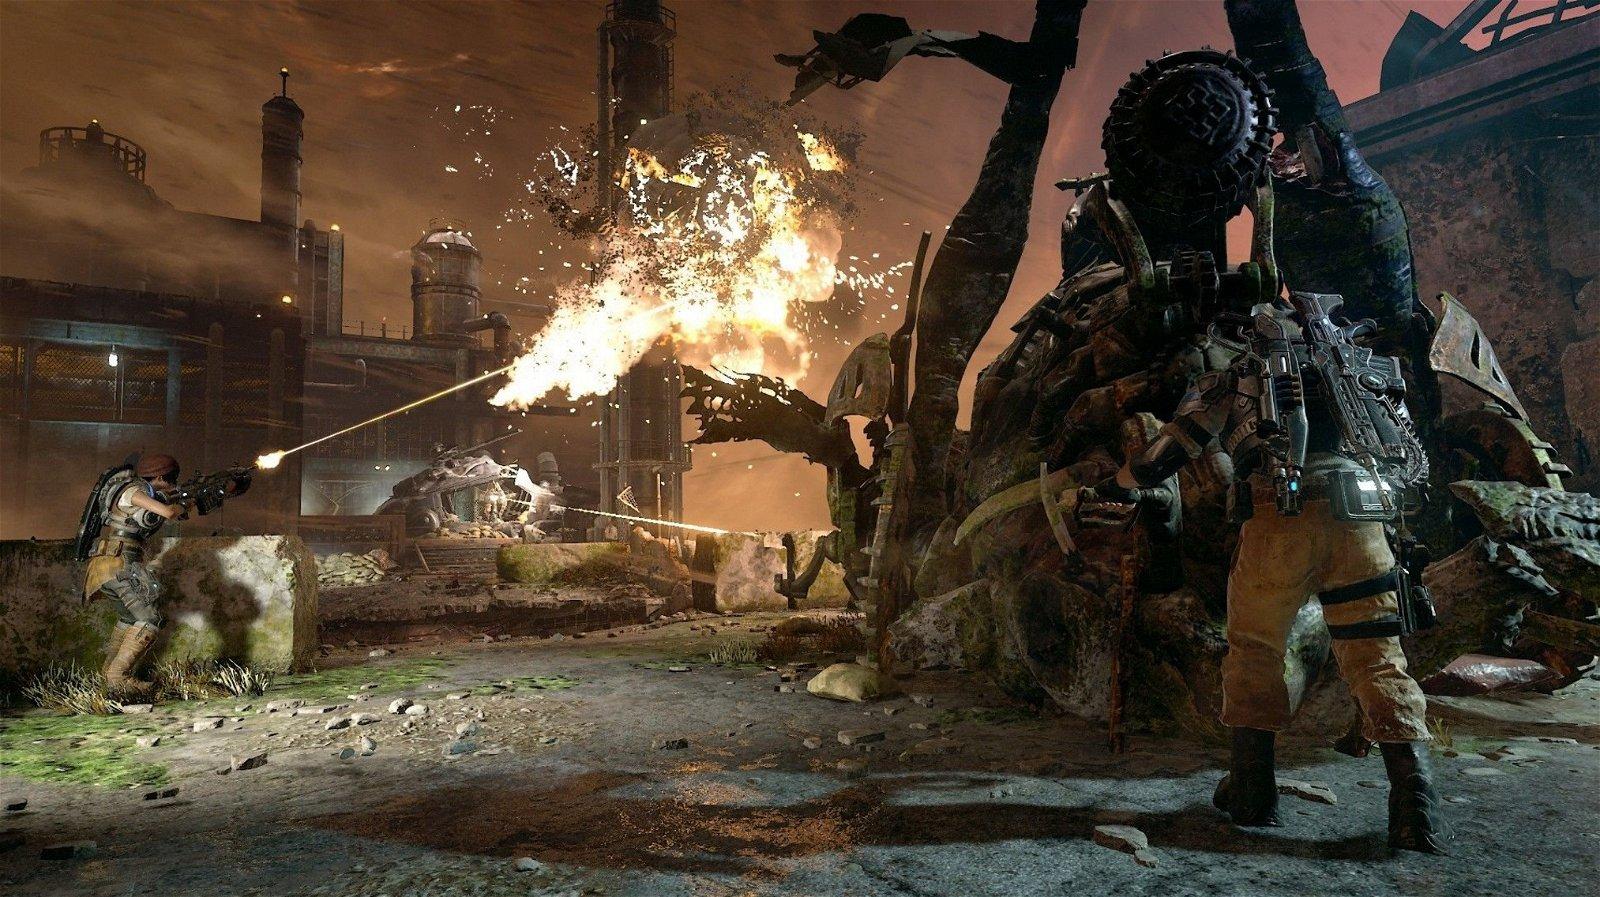 Gears of War 4: Comparativa gráfica entre sus versiones de Xbox One y PC